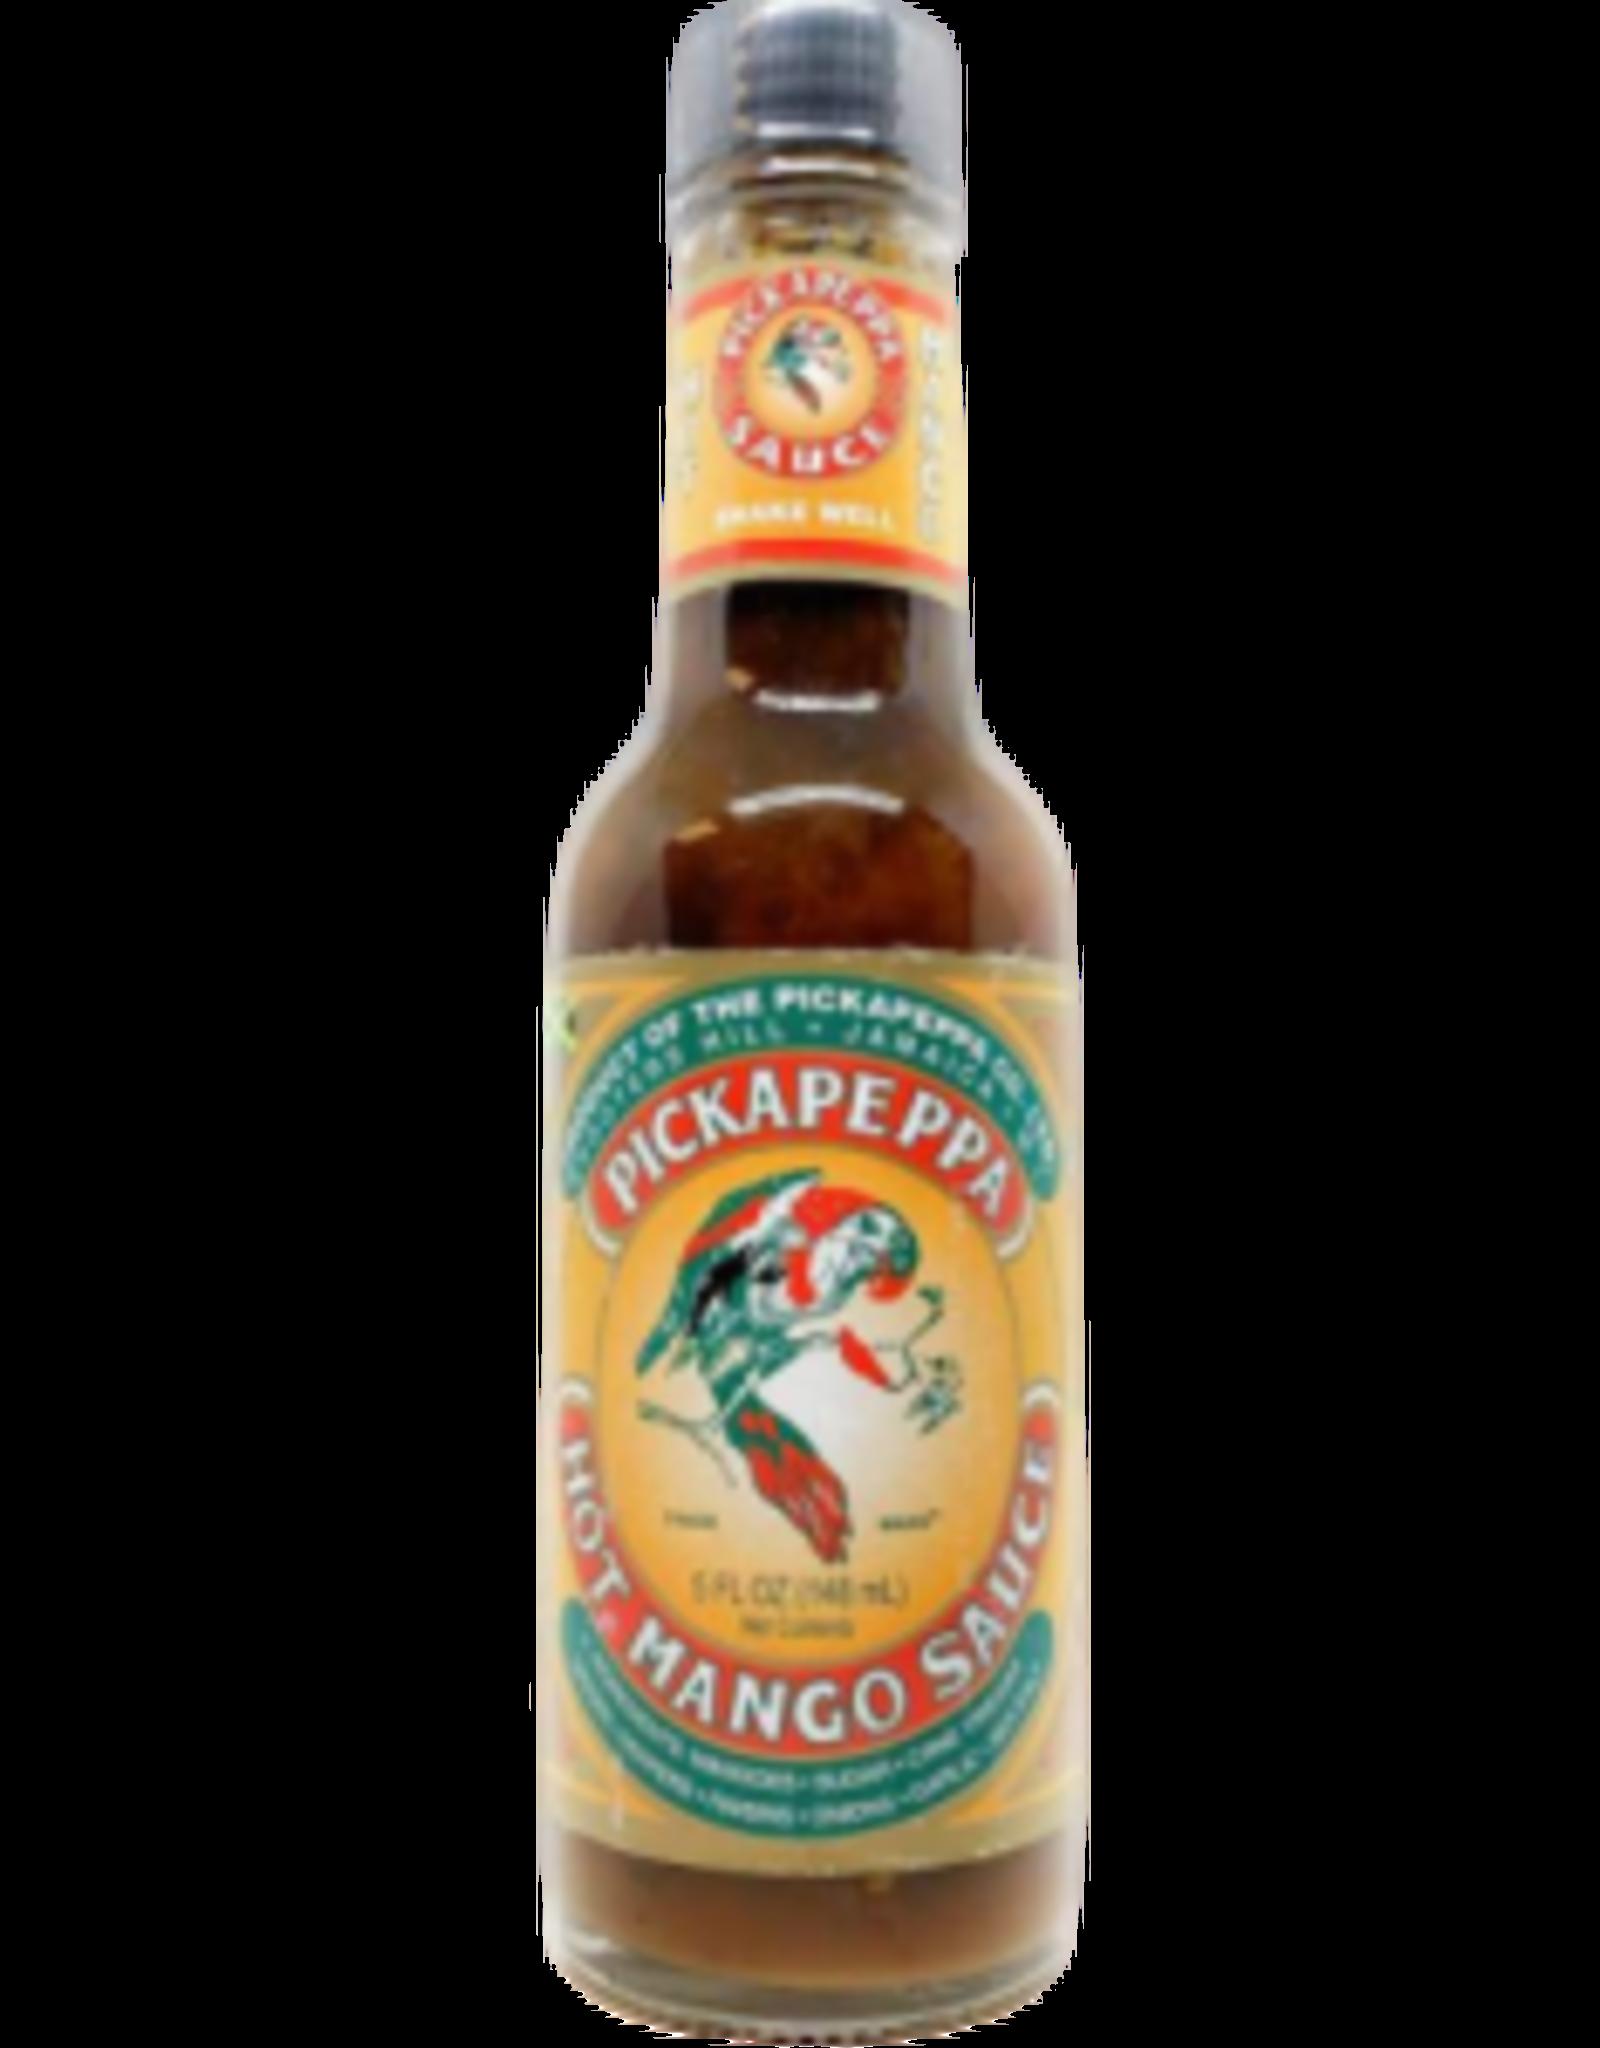 Pickapeppa Hot Mango